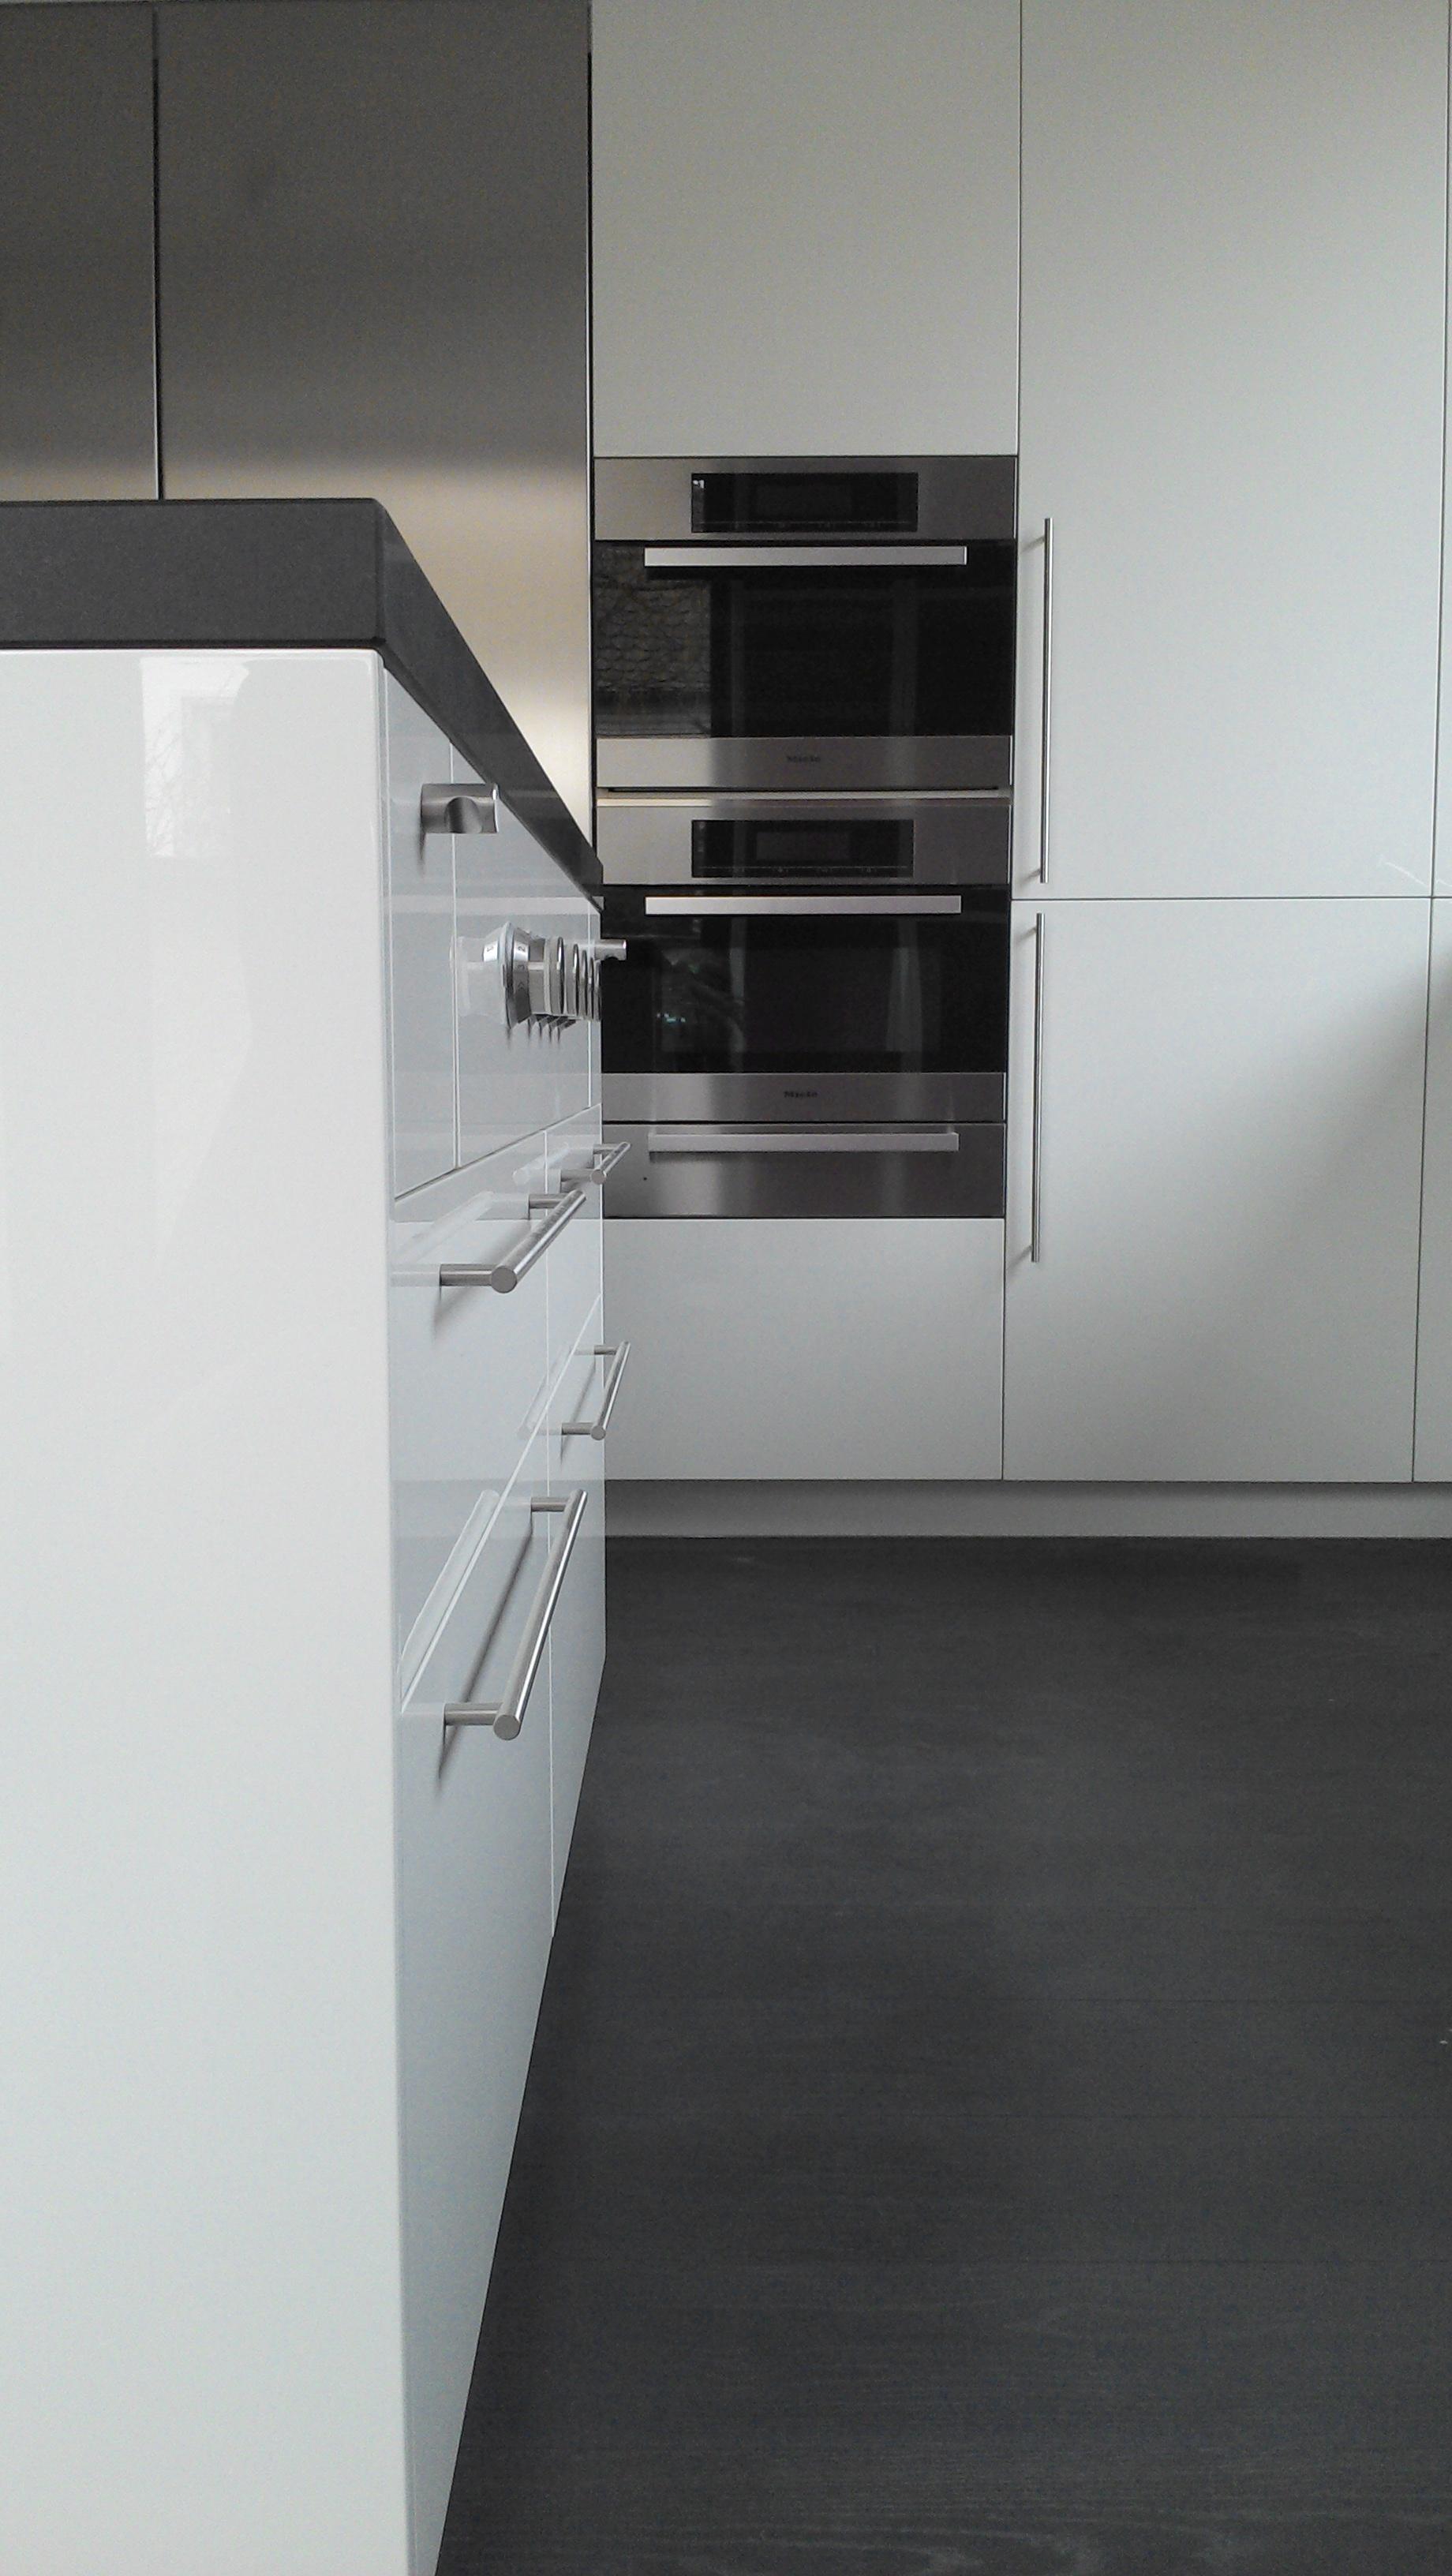 Küche mit Hochglanzfronten und Edelstahl Kühlschrank, Geräte